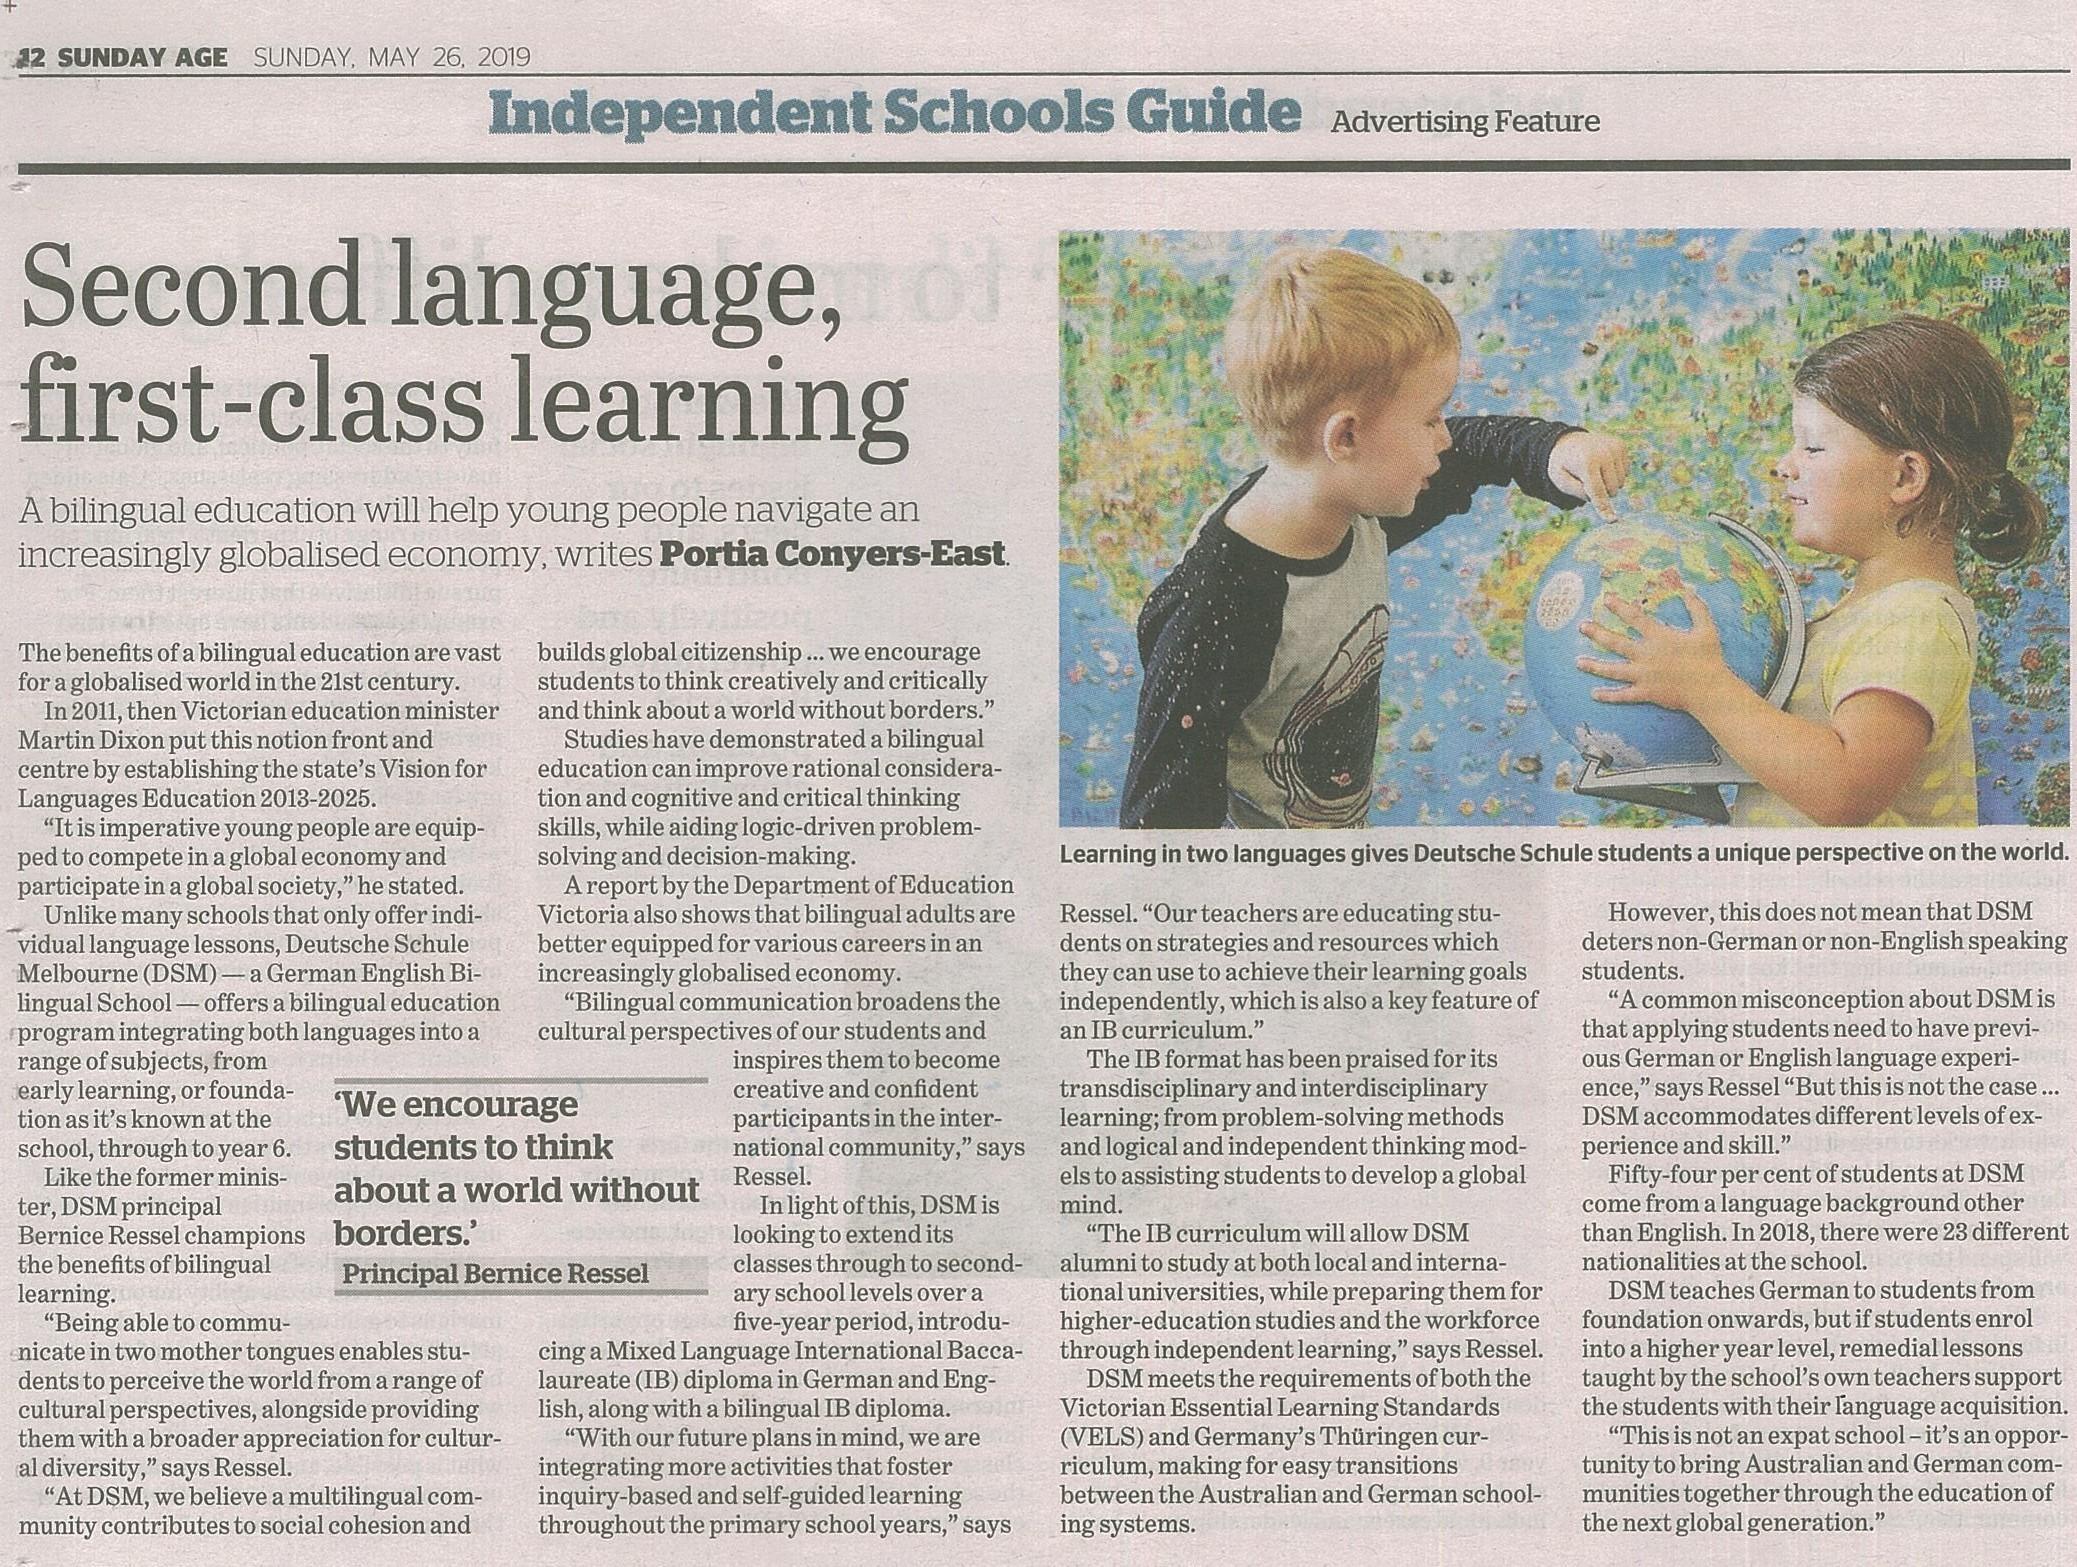 Independent Schools Guide - Deutsche Schule Melbourne